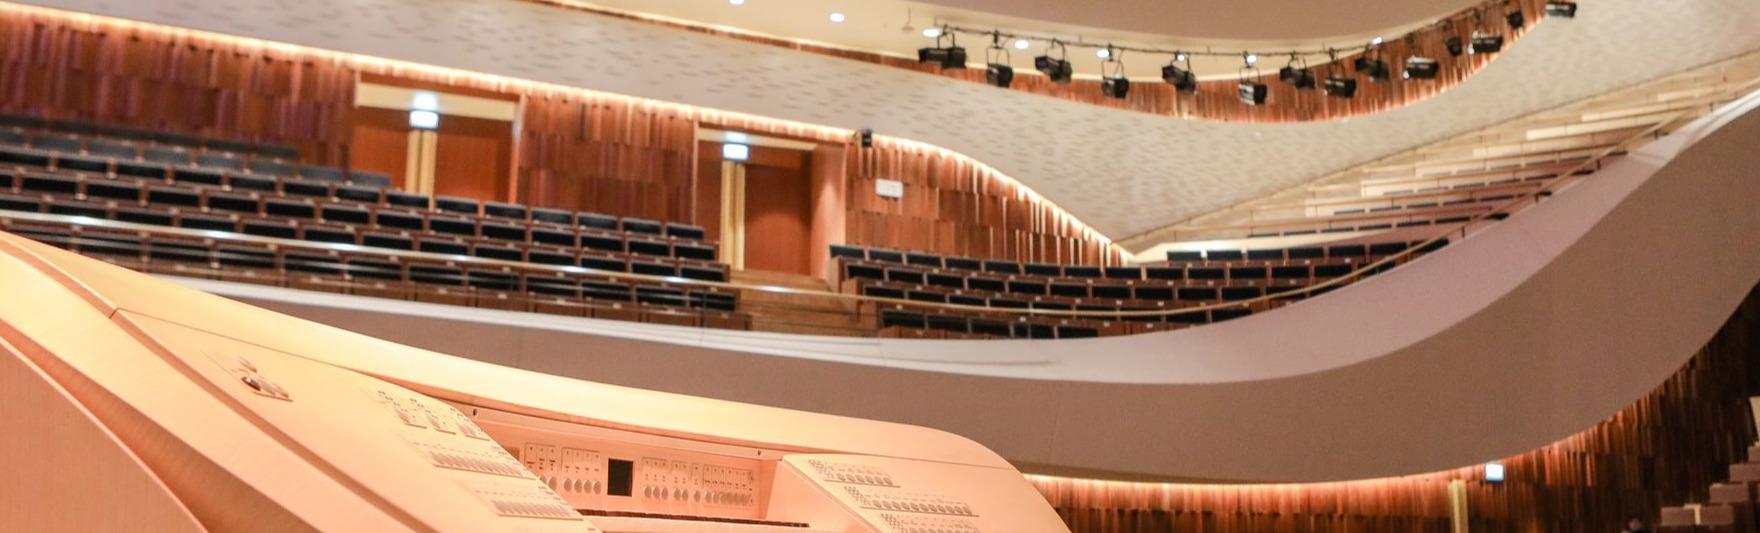 П.И. Чайковский: симфонии 1 и 4. СОМТ, дирижер — Валерий Гергиев